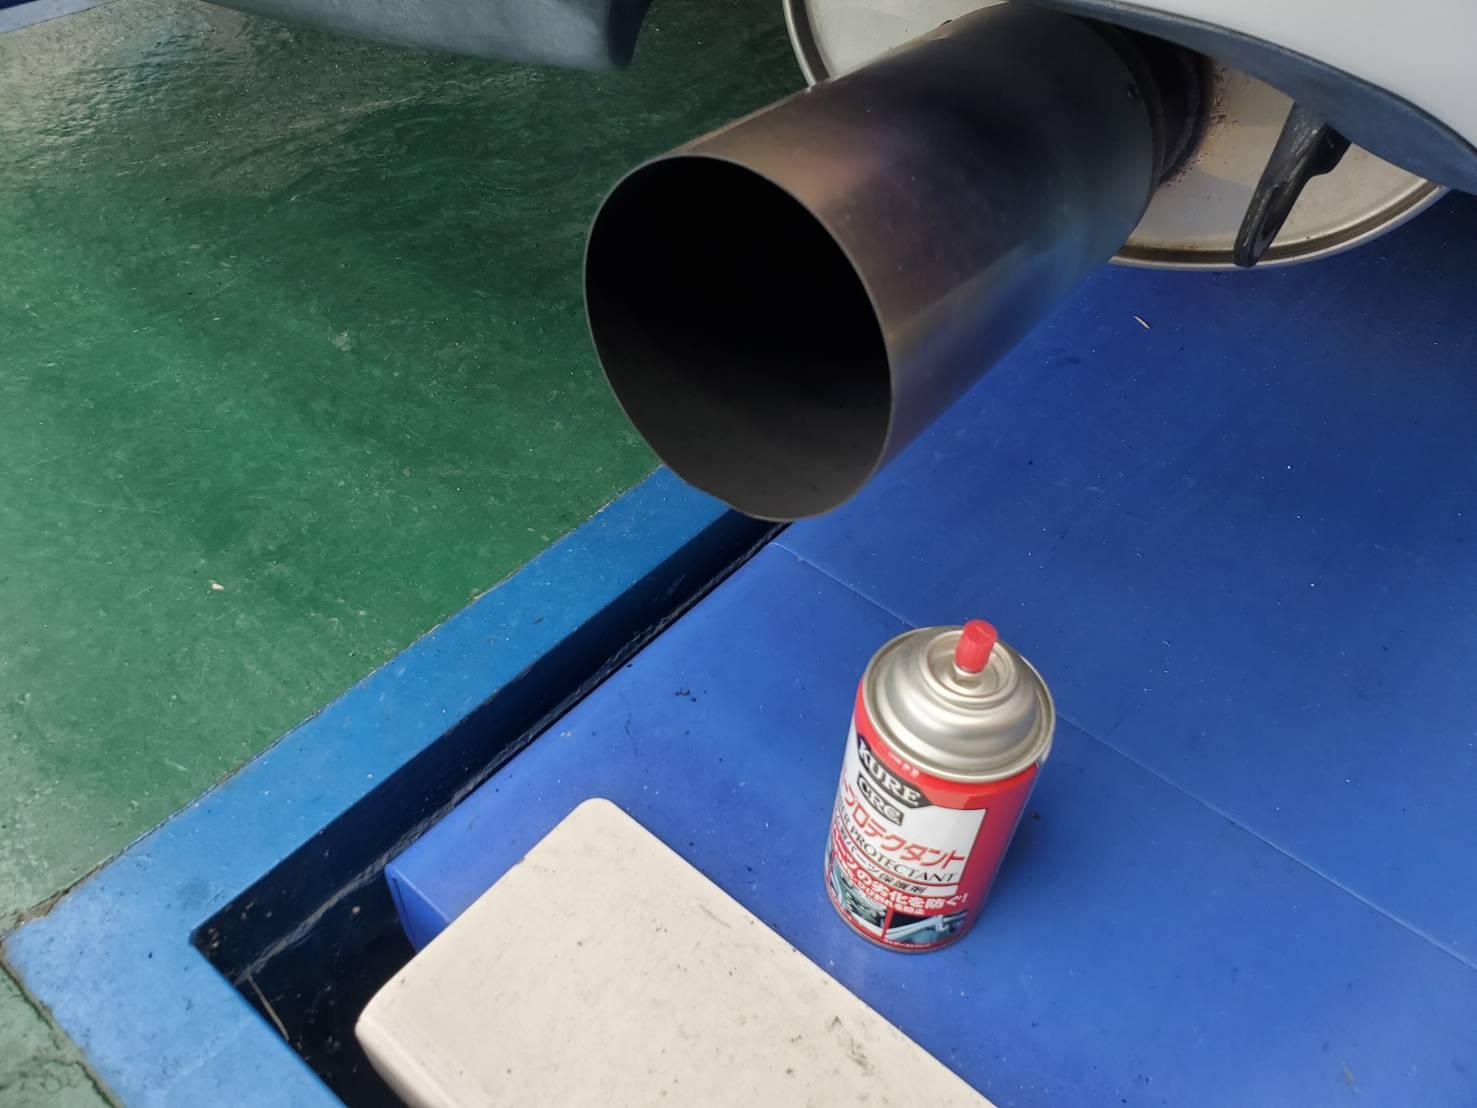 FD3S  RX-7  オートエグゼ チタン+マフラー からの 純正! からの・・・・・・・・